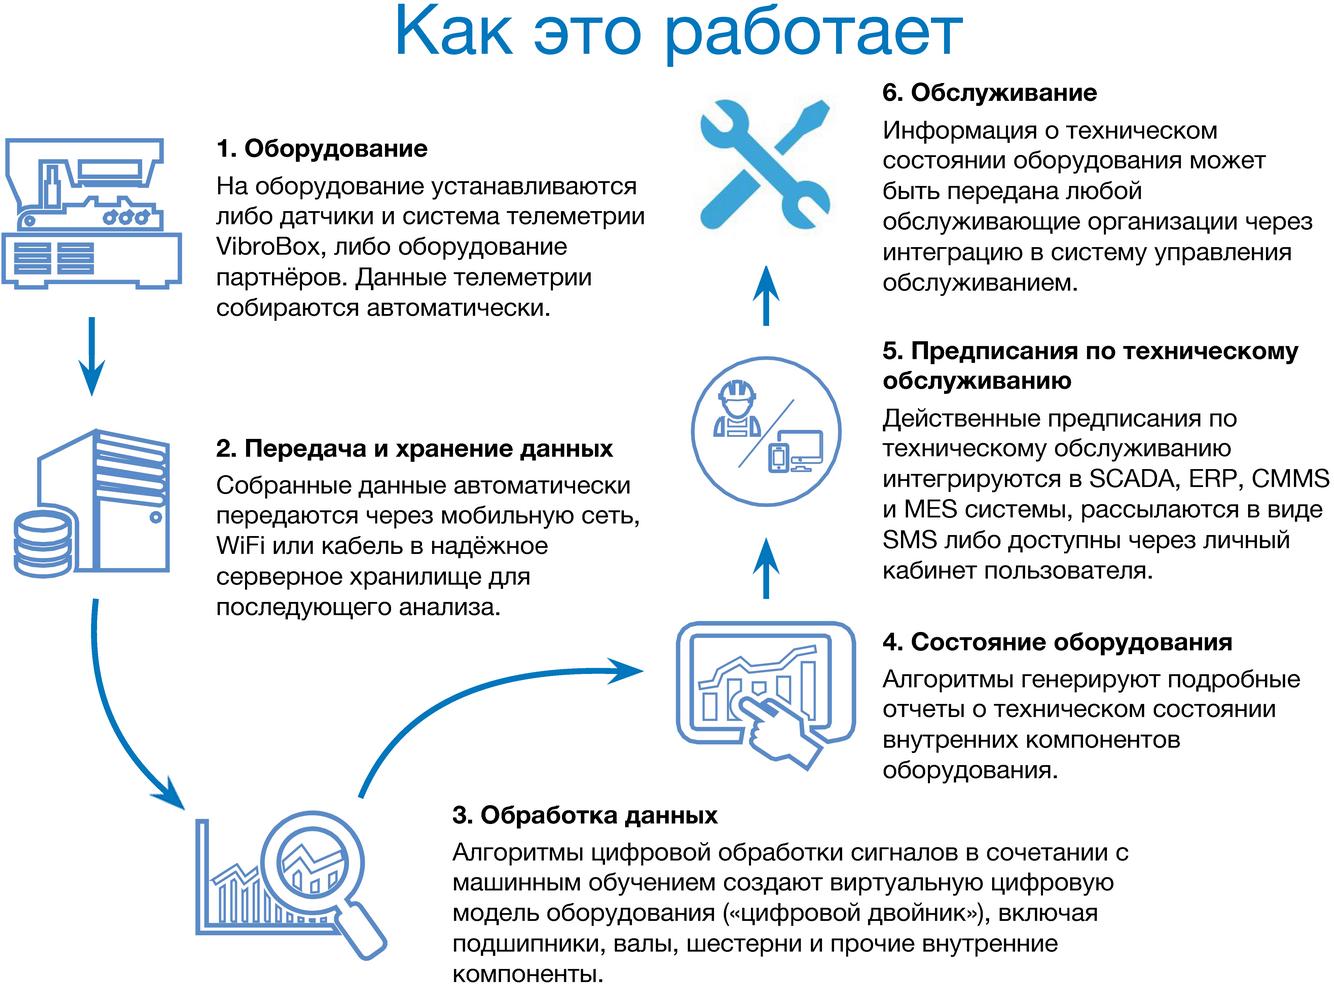 Что такое система управления? структура управления организации :: businessman.ru